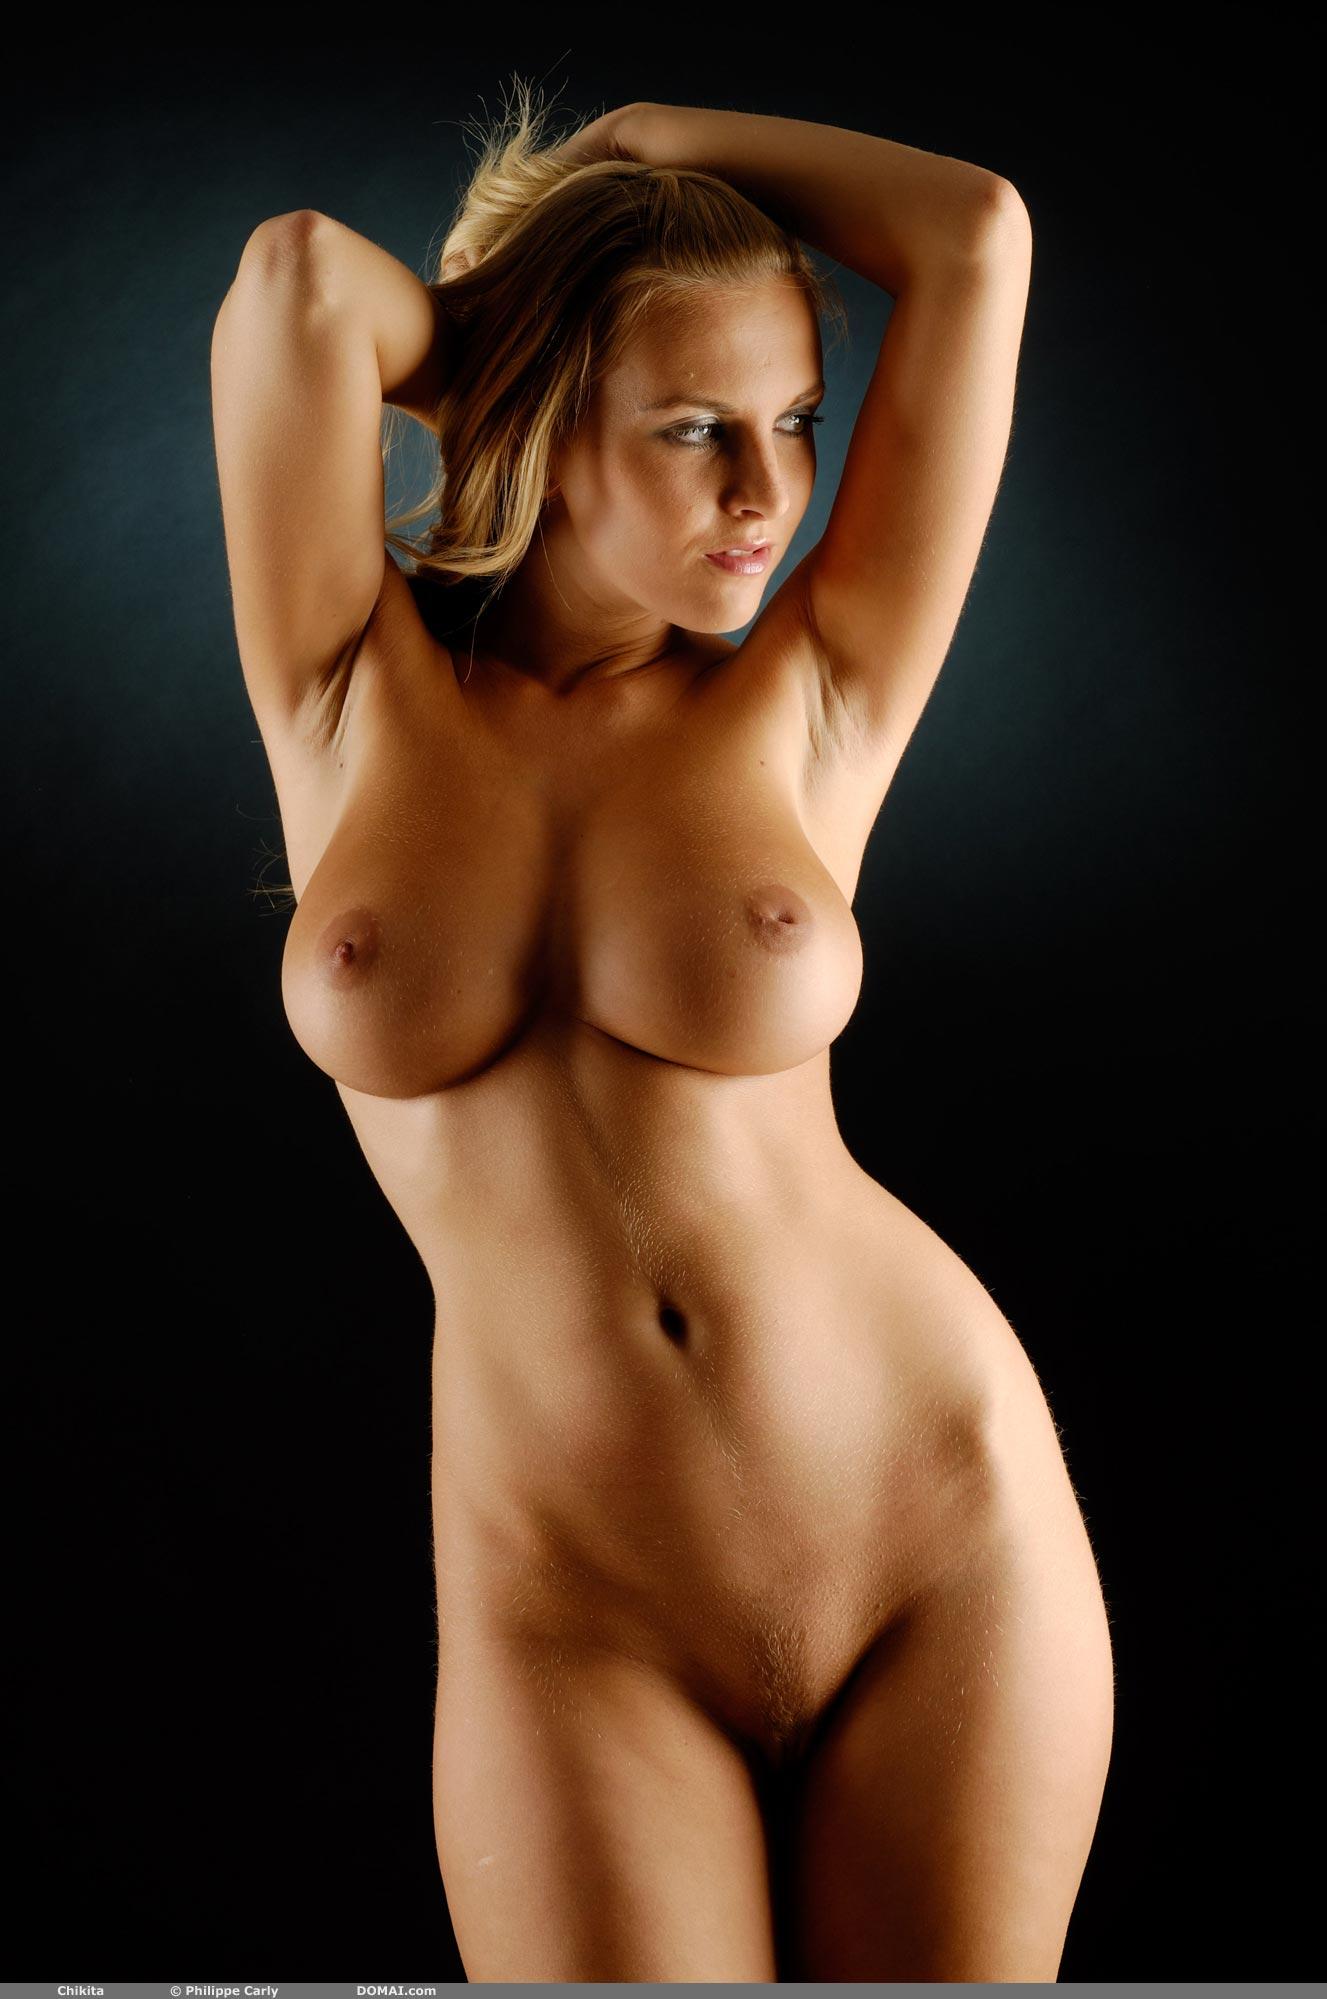 Chikita Stripping - NudesPuri.com